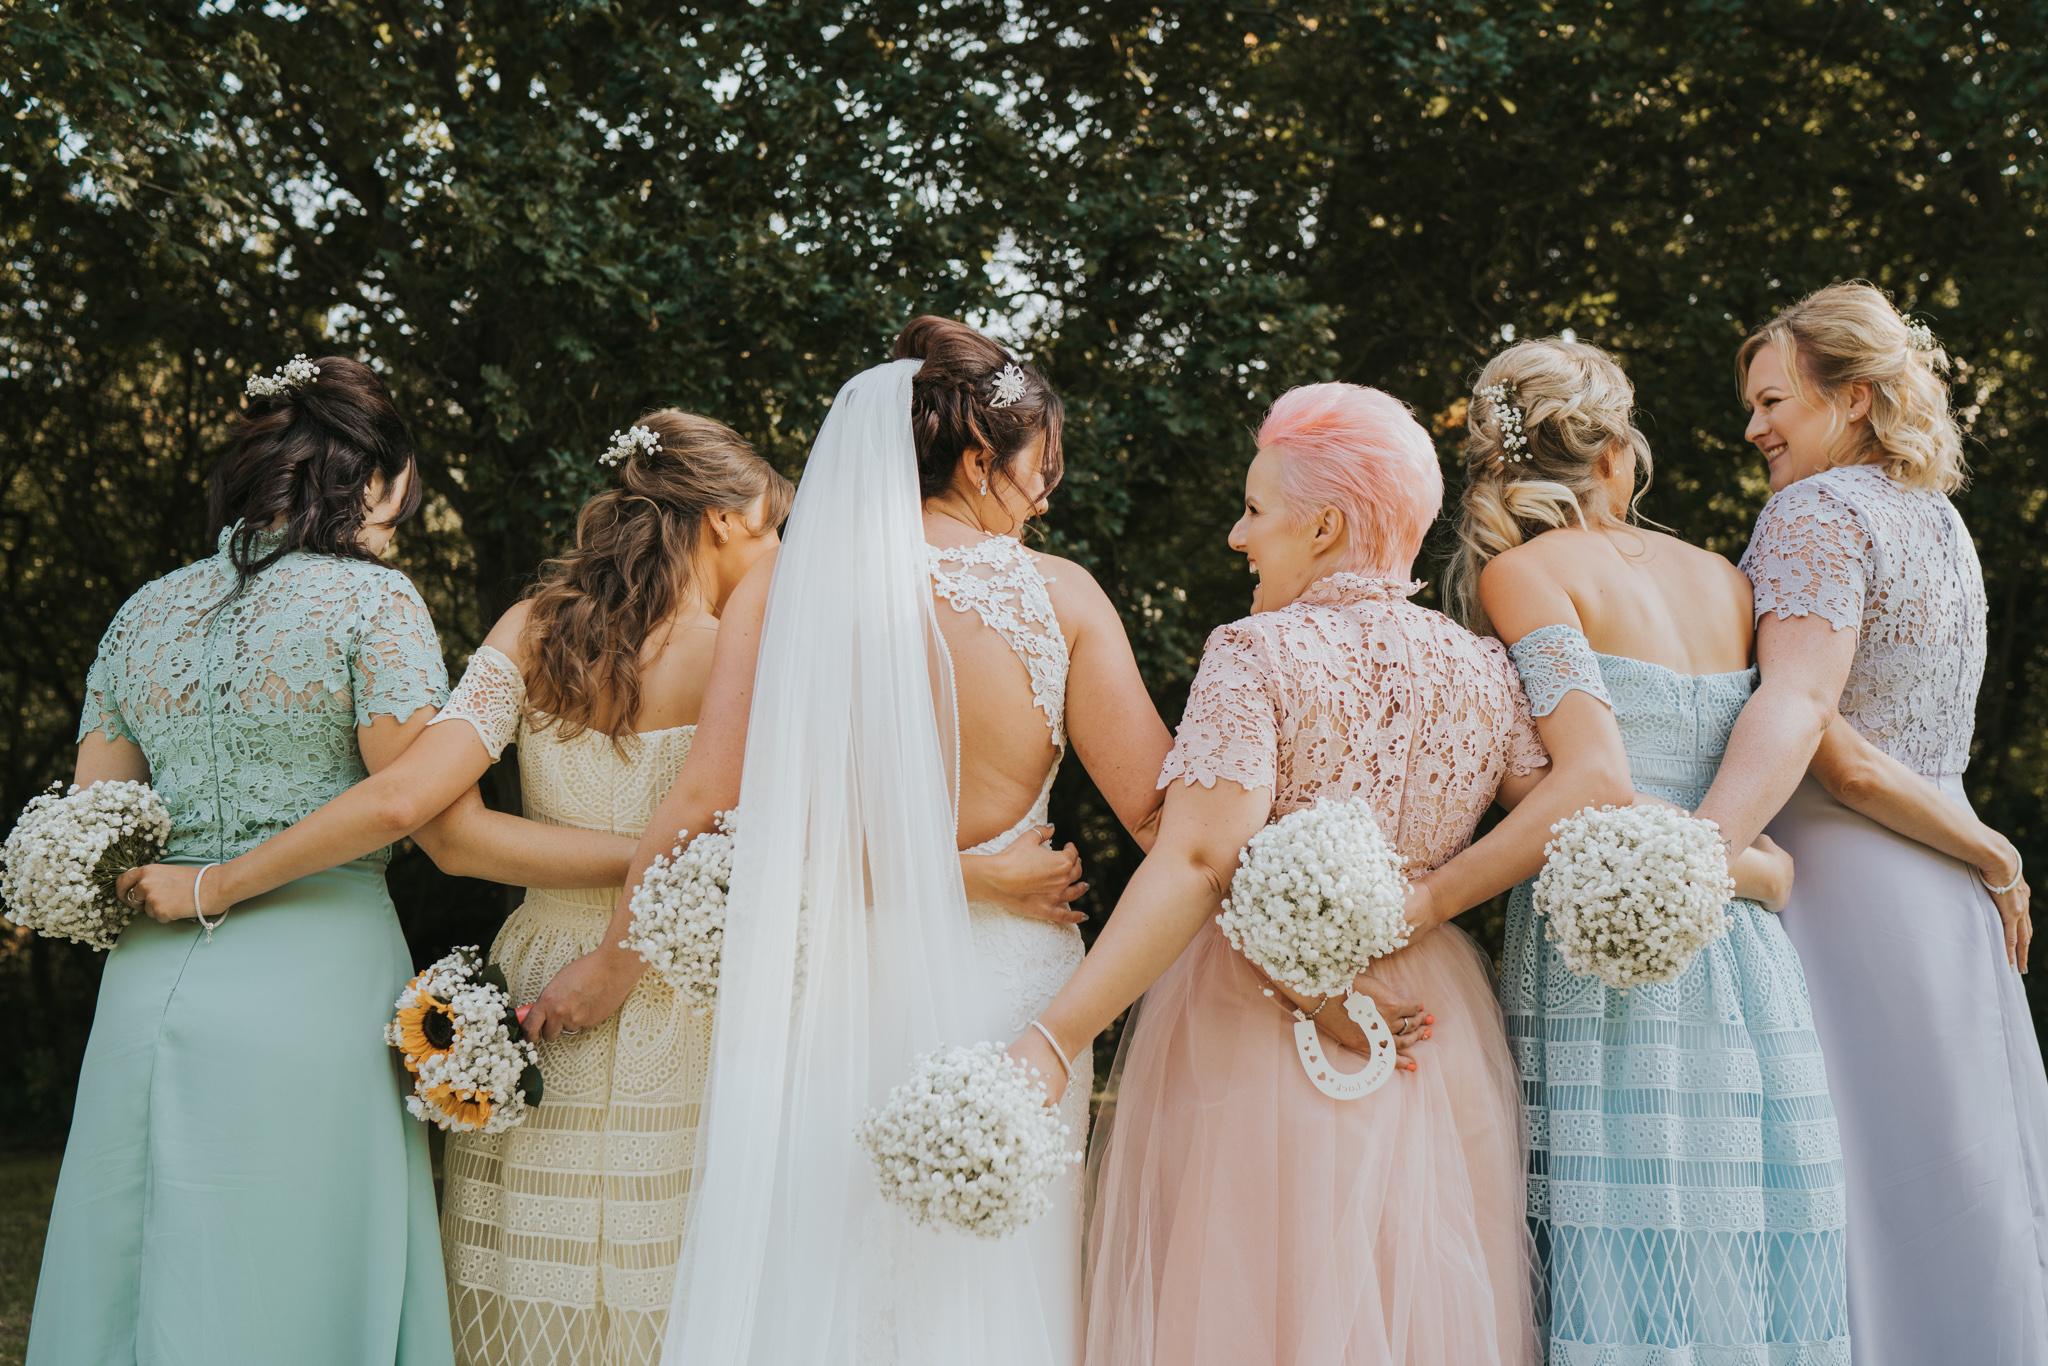 Joe-Tiffany-Colchester-Castle-Wedding-Essex-Grace-Elizabeth-Colchester-Essex-Alternative-Wedding-Photographer-Suffolk-Norfolk-Devon (84 of 122).jpg